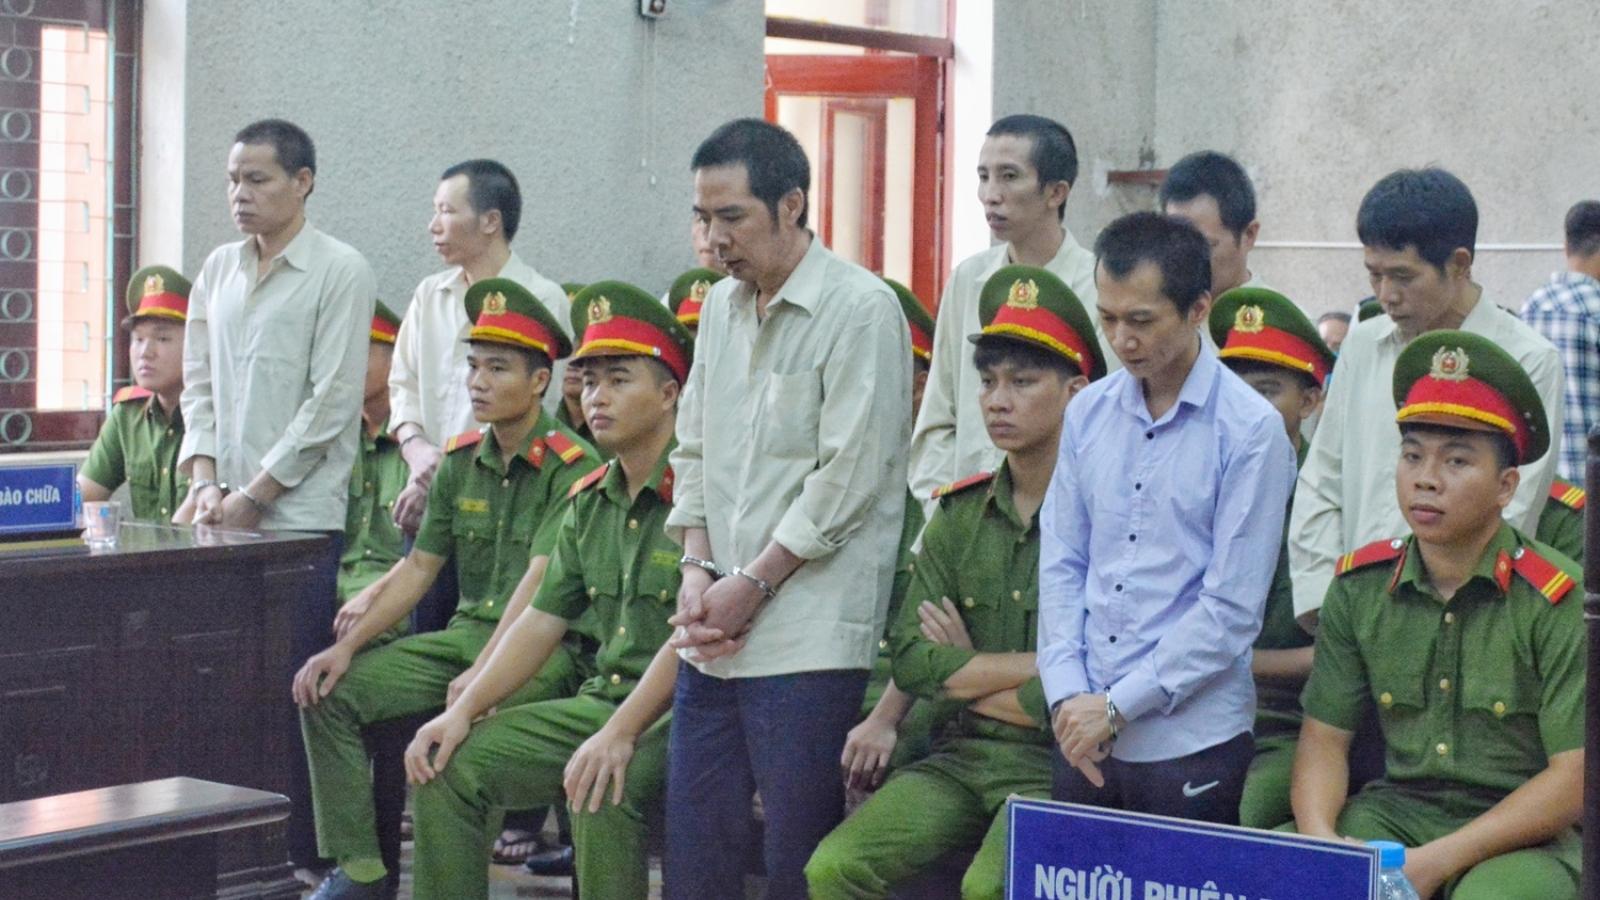 Xử phúc thẩm vụ nữ sinh giao gà ở Điện Biên: giữ nguyên 6 án tử hình